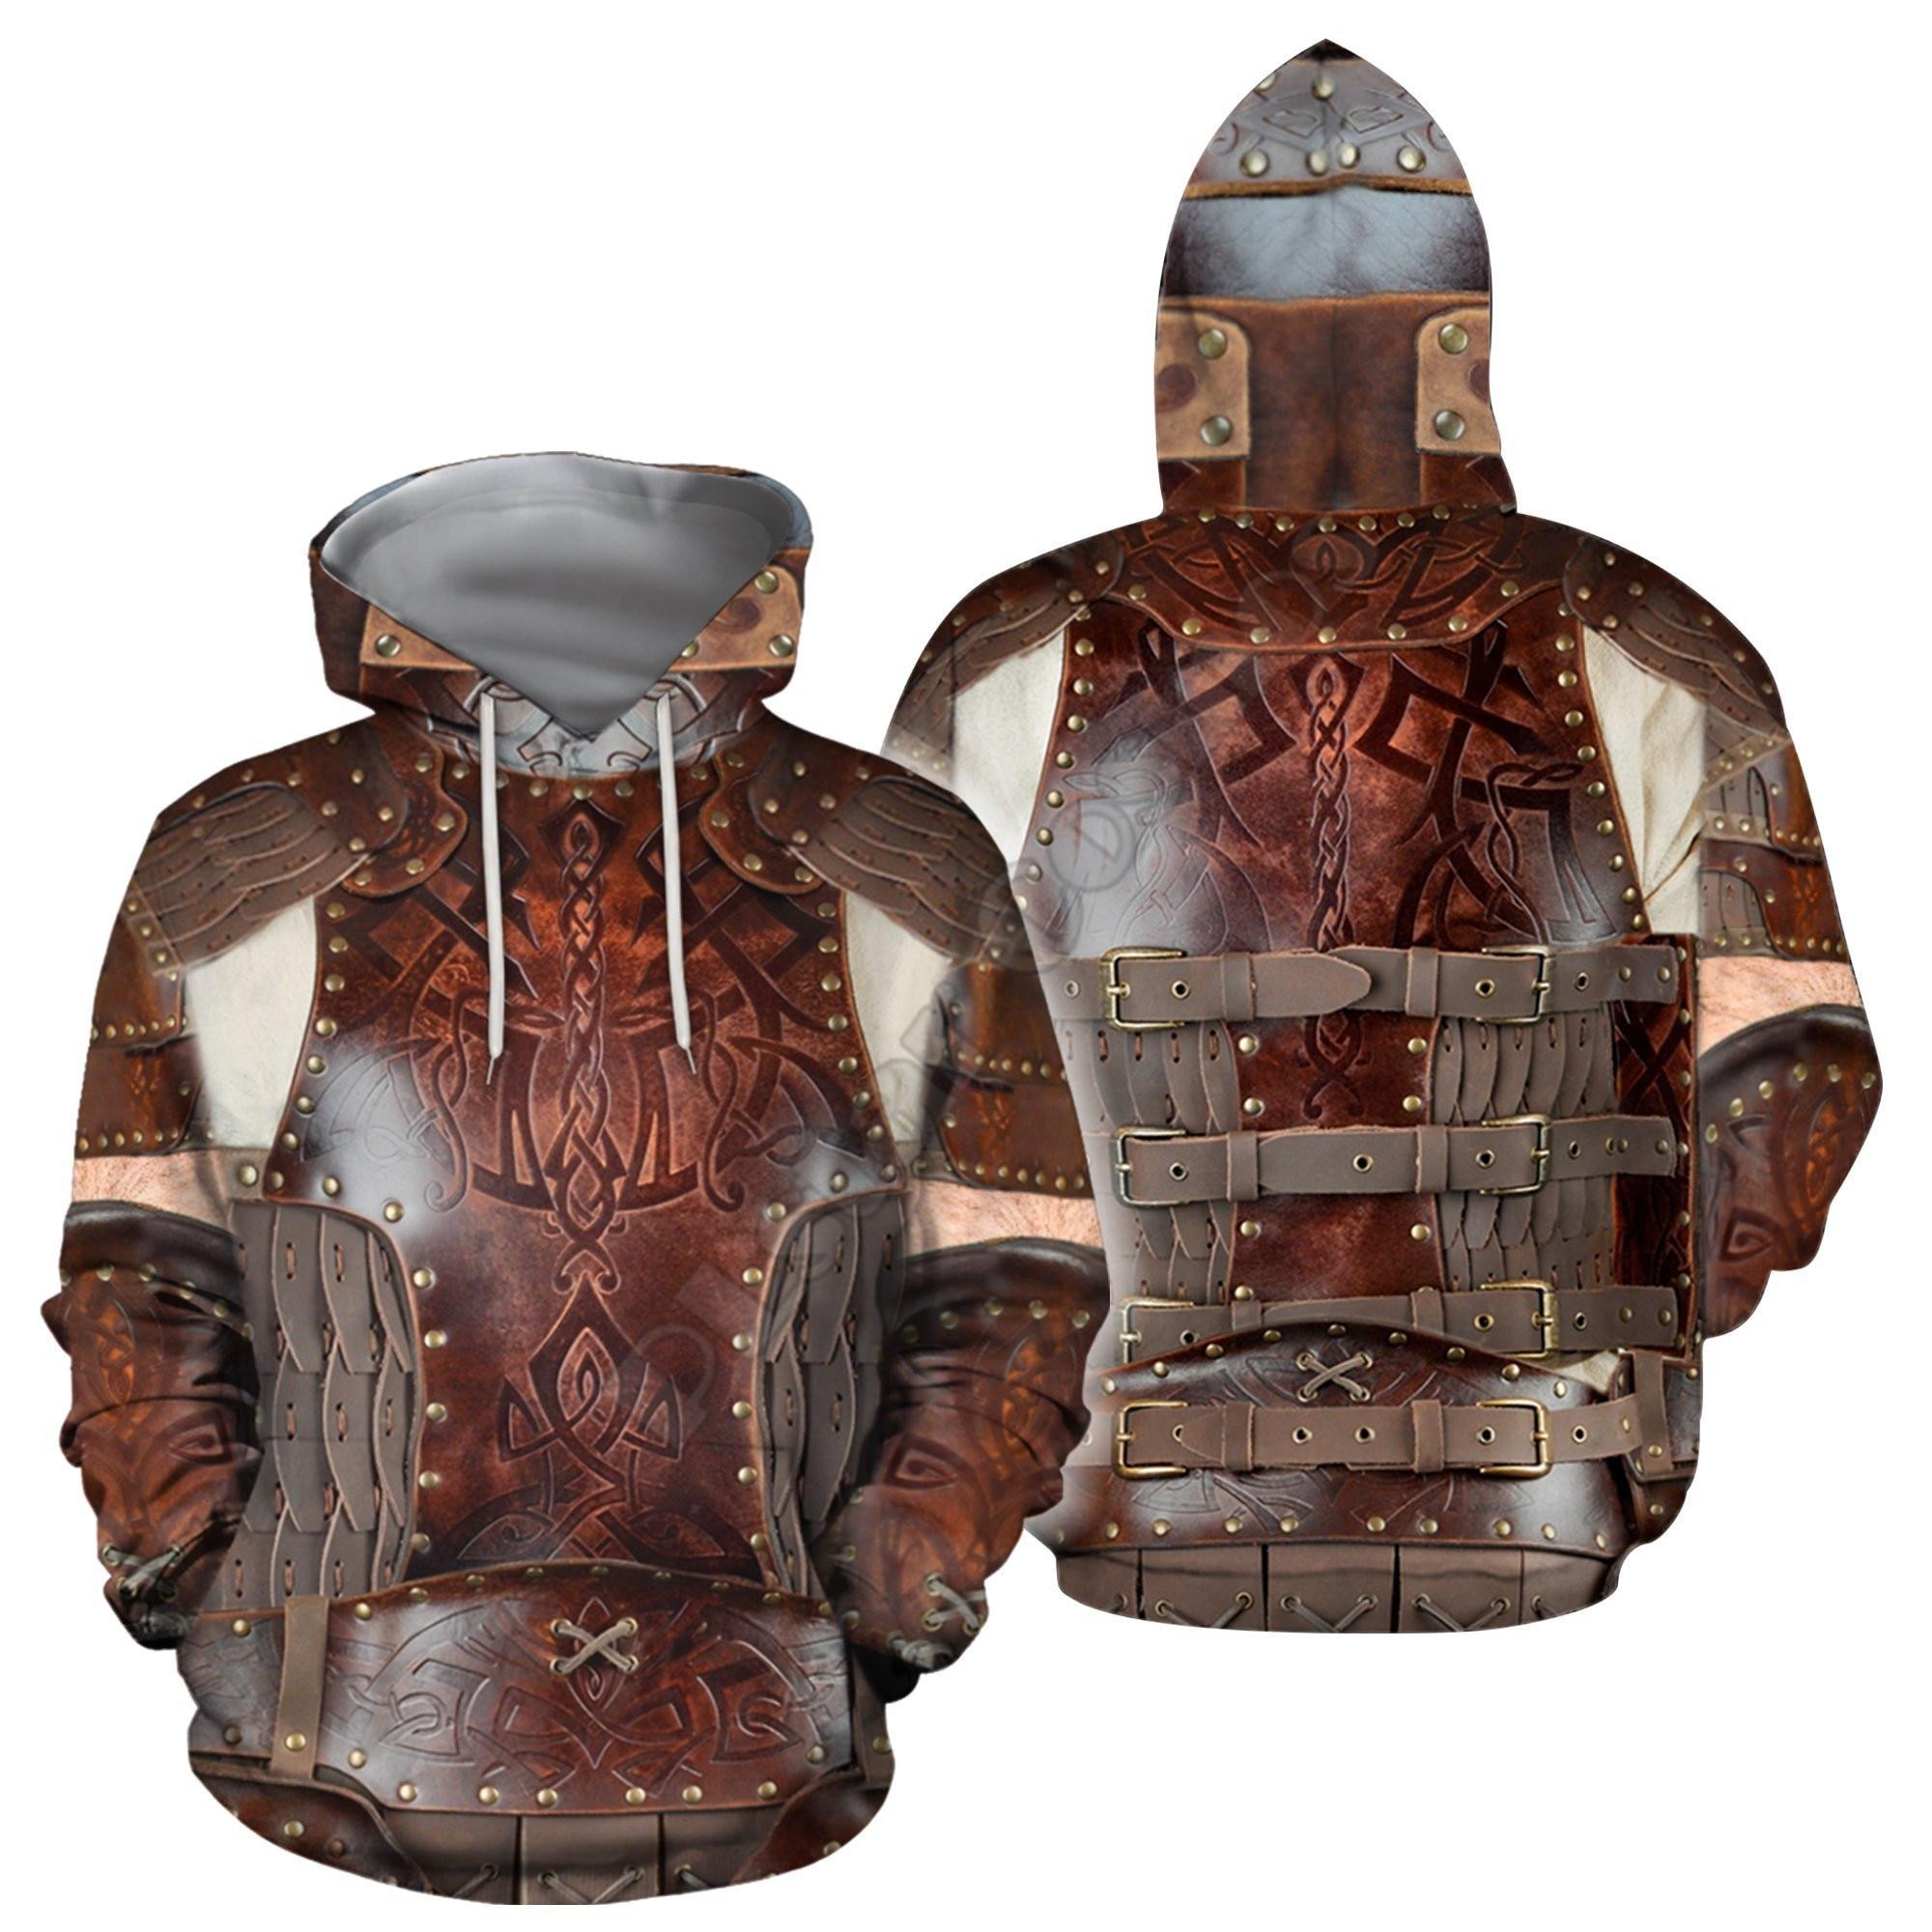 Толстовка унисекс с 3D-принтом «Армия викингов», свитшот на молнии, худи, женский и мужской пуловер, уличный костюм для косплея